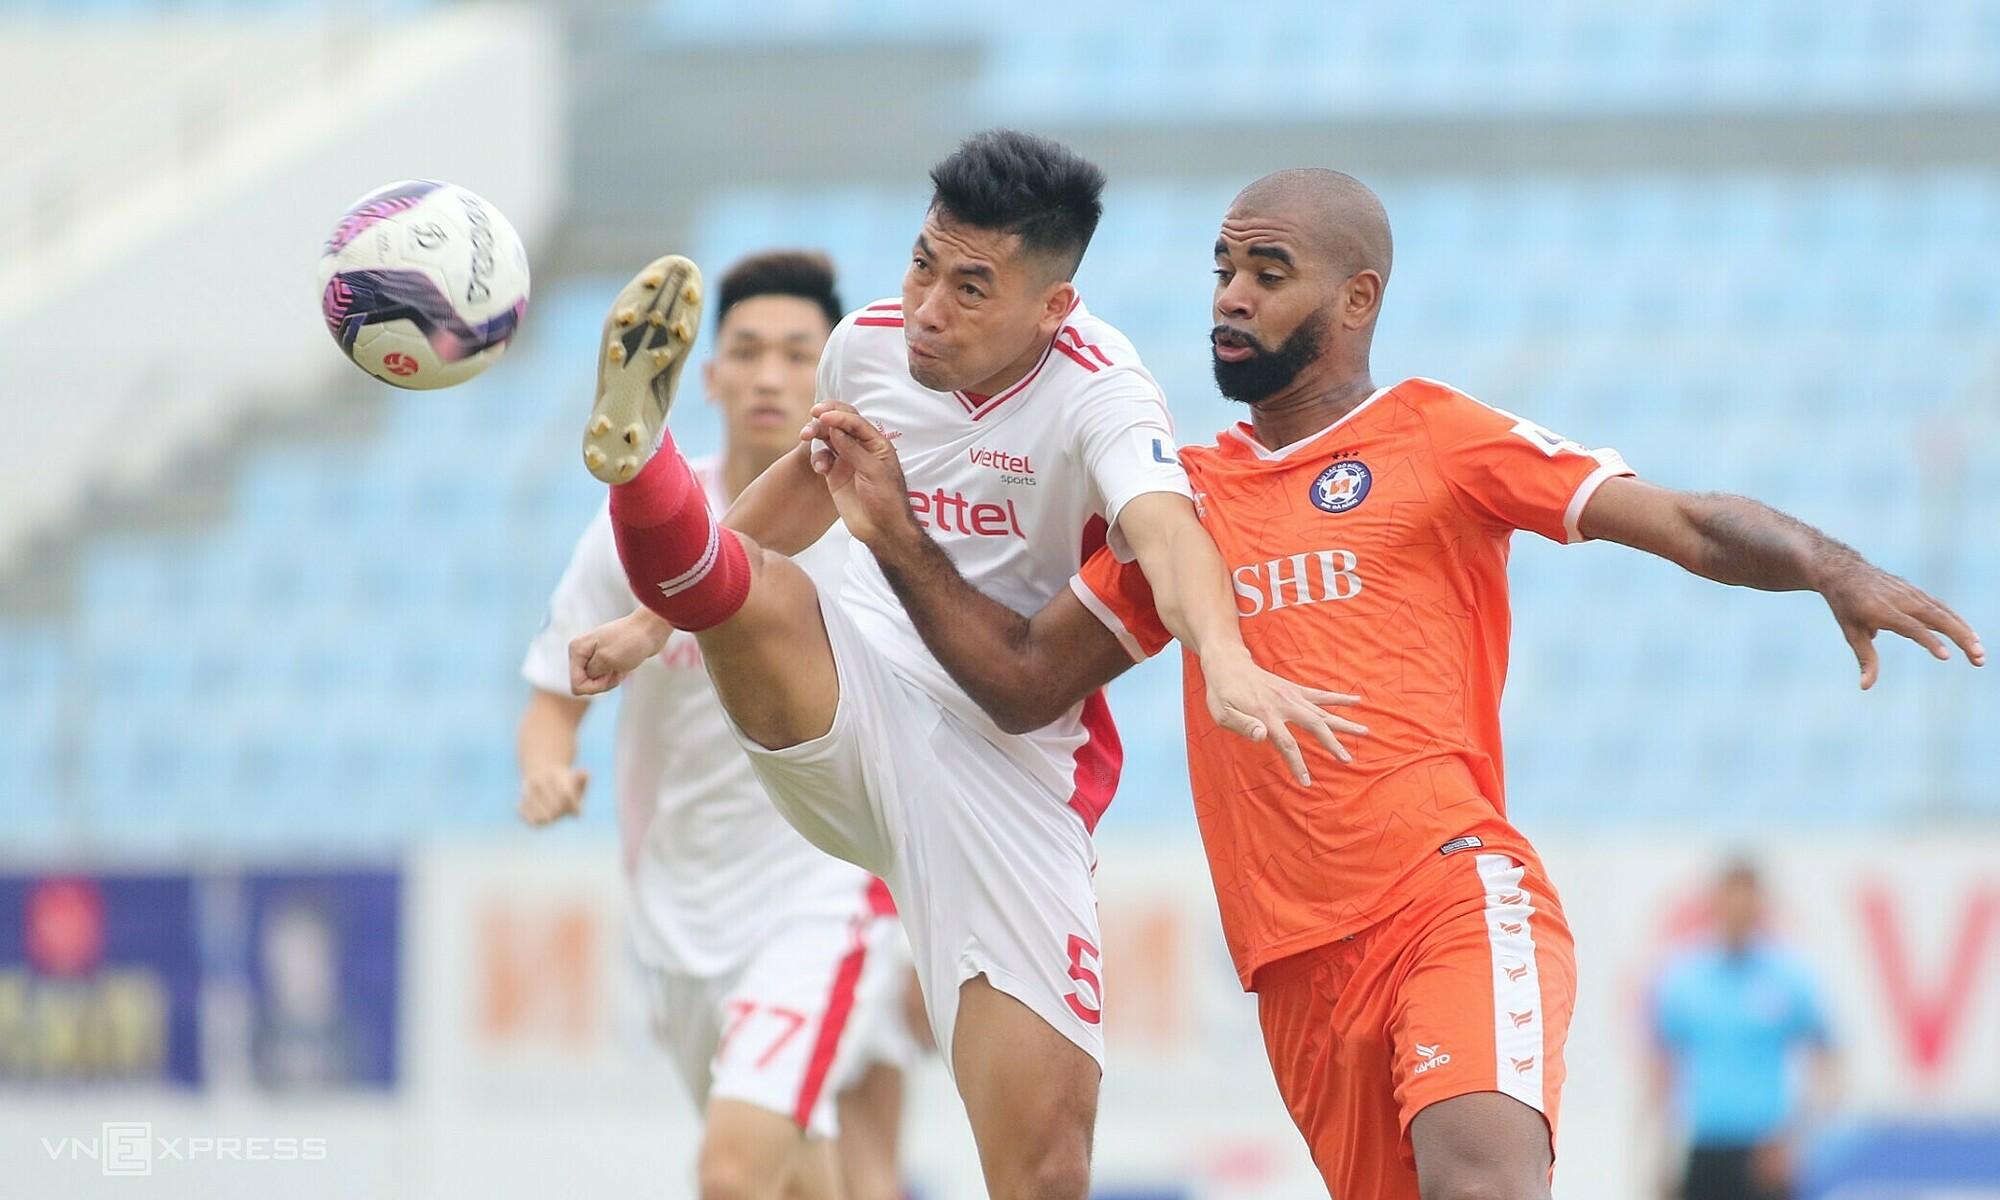 Chiến thắng của Viettel (áo trắng) trên sân Hoà Xuân hứa hẹn sẽ tăng thêm kịch tính cho cuộc đua vô địch V-League 2021. Ảnh: Tịnh Đế